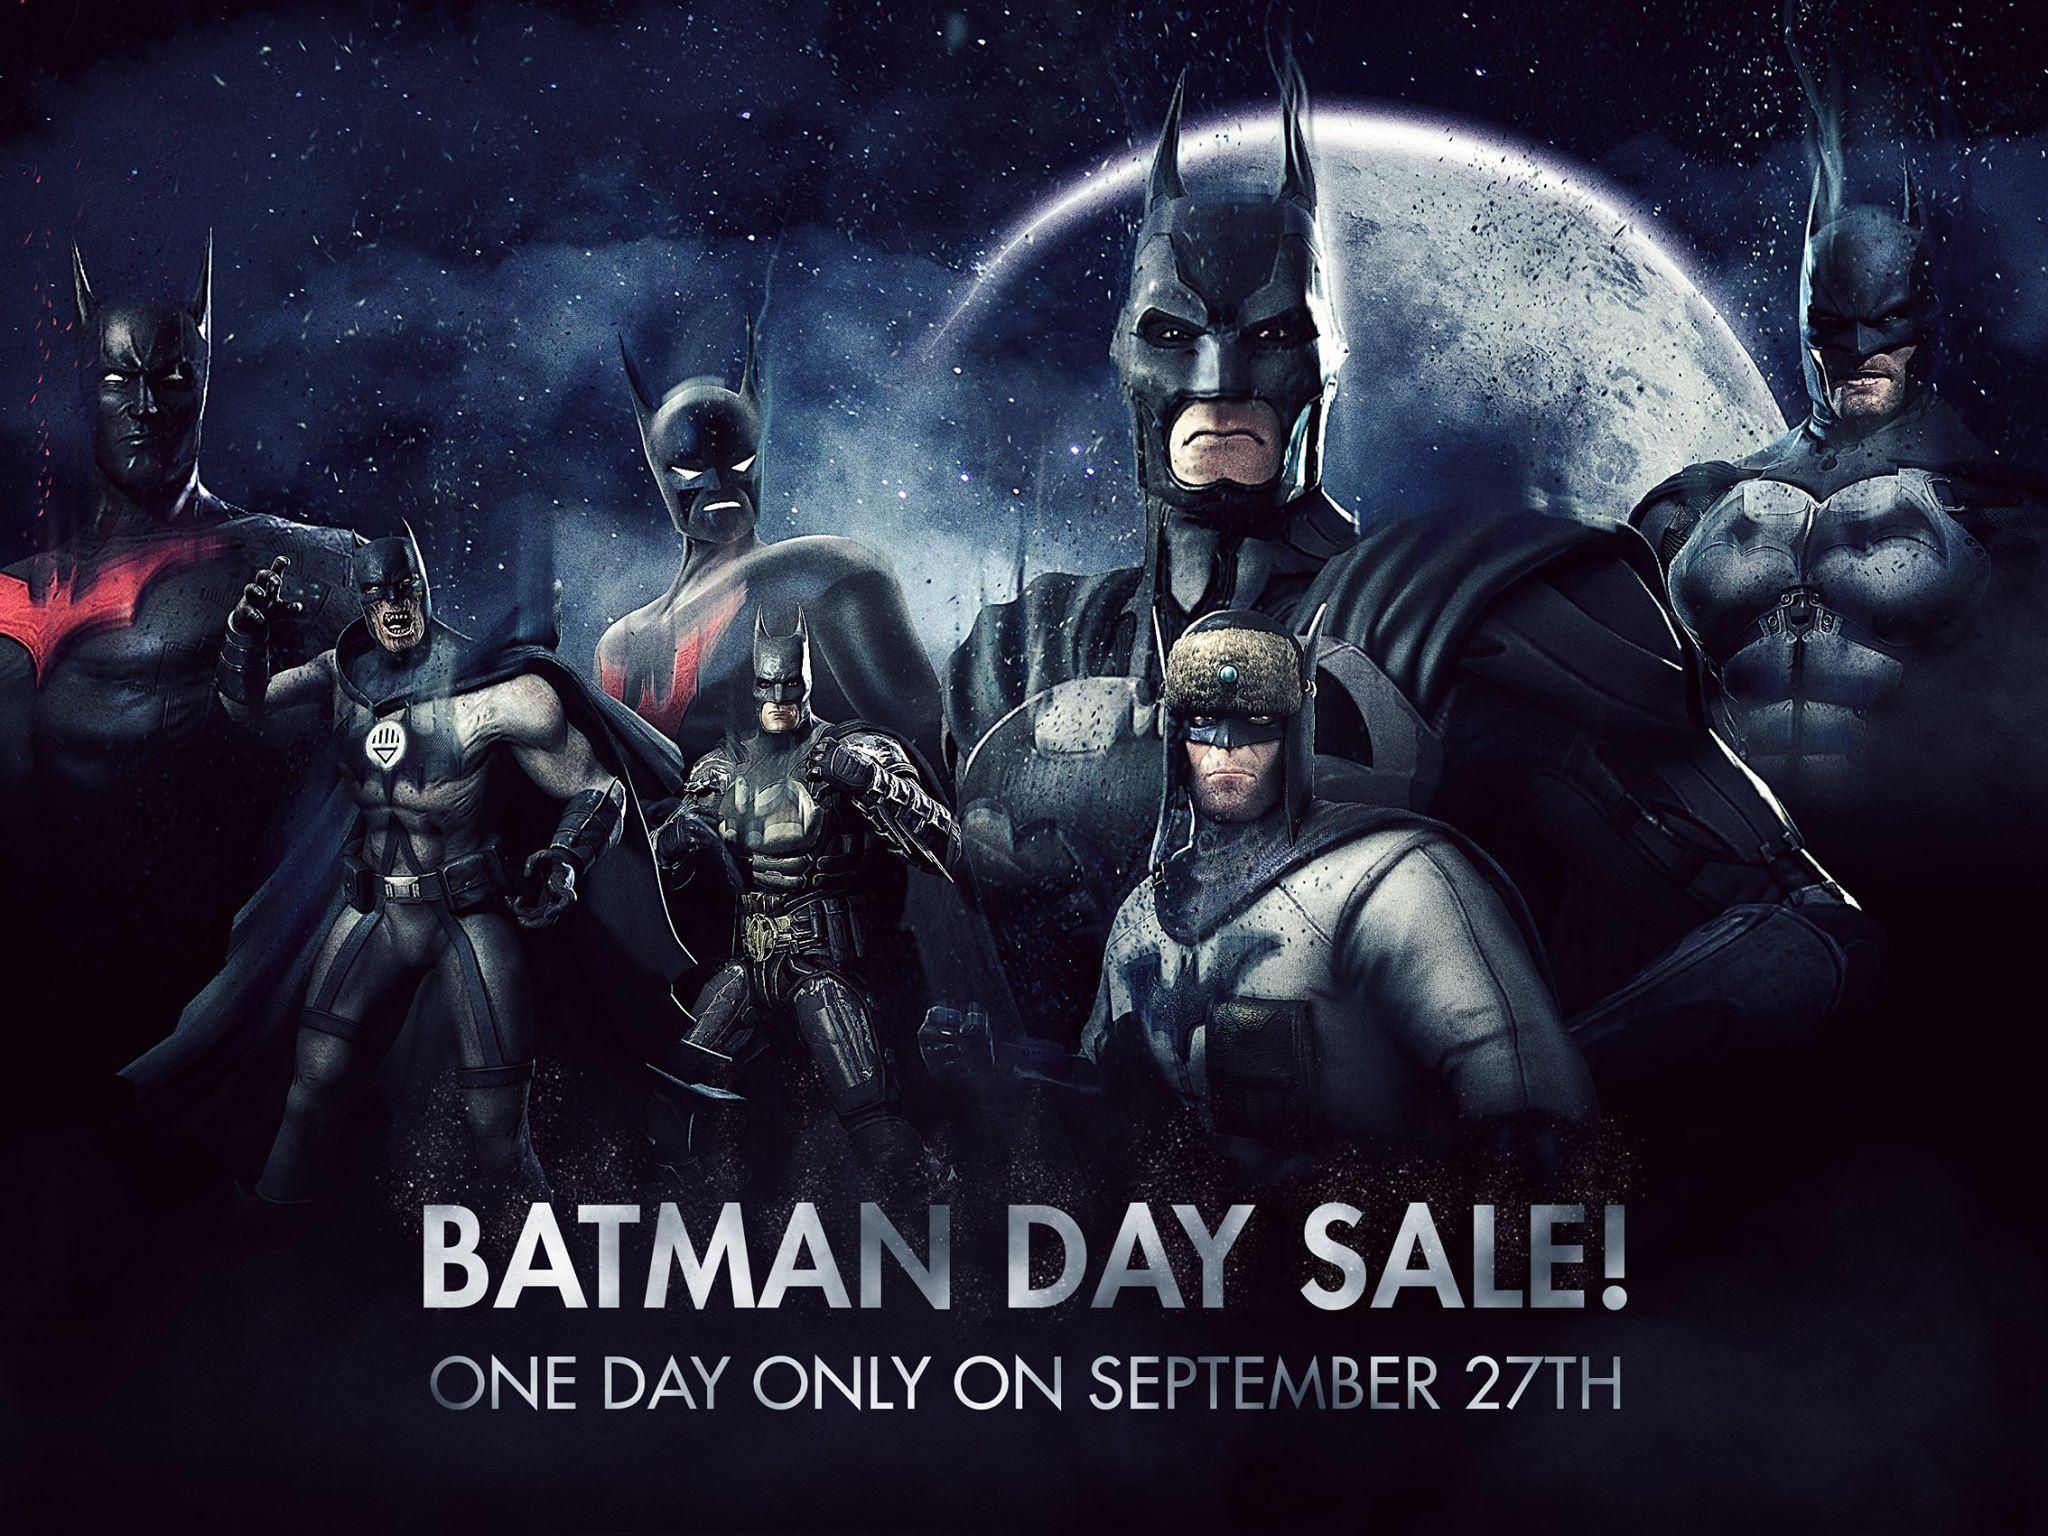 Injustice mobile batman day sale injustice online